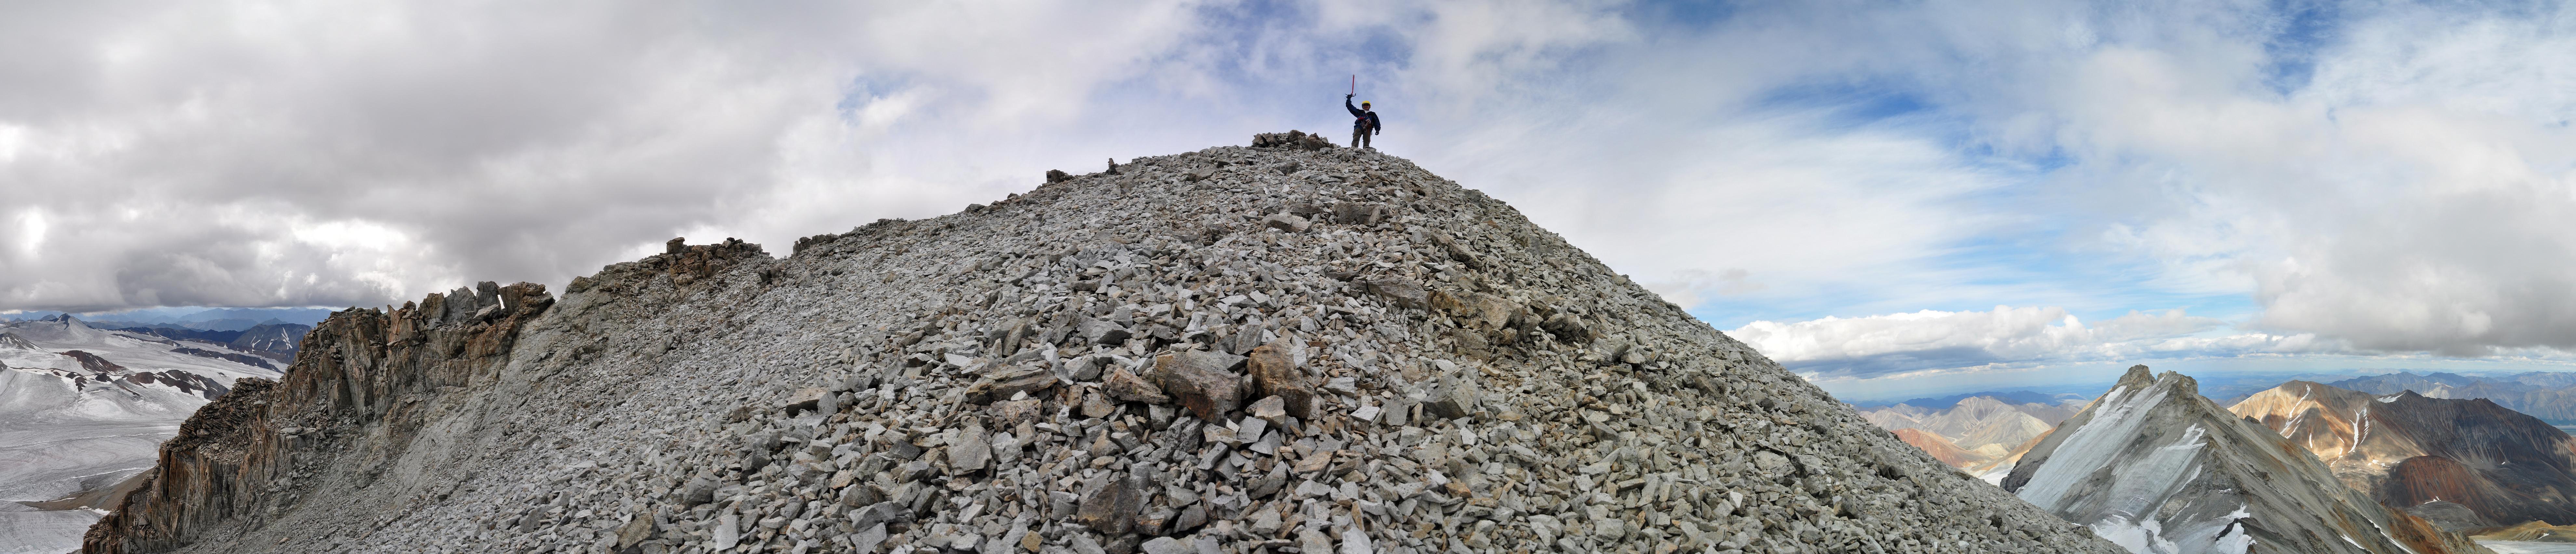 самая высокая вершина Верхоянского хребта в Якутии